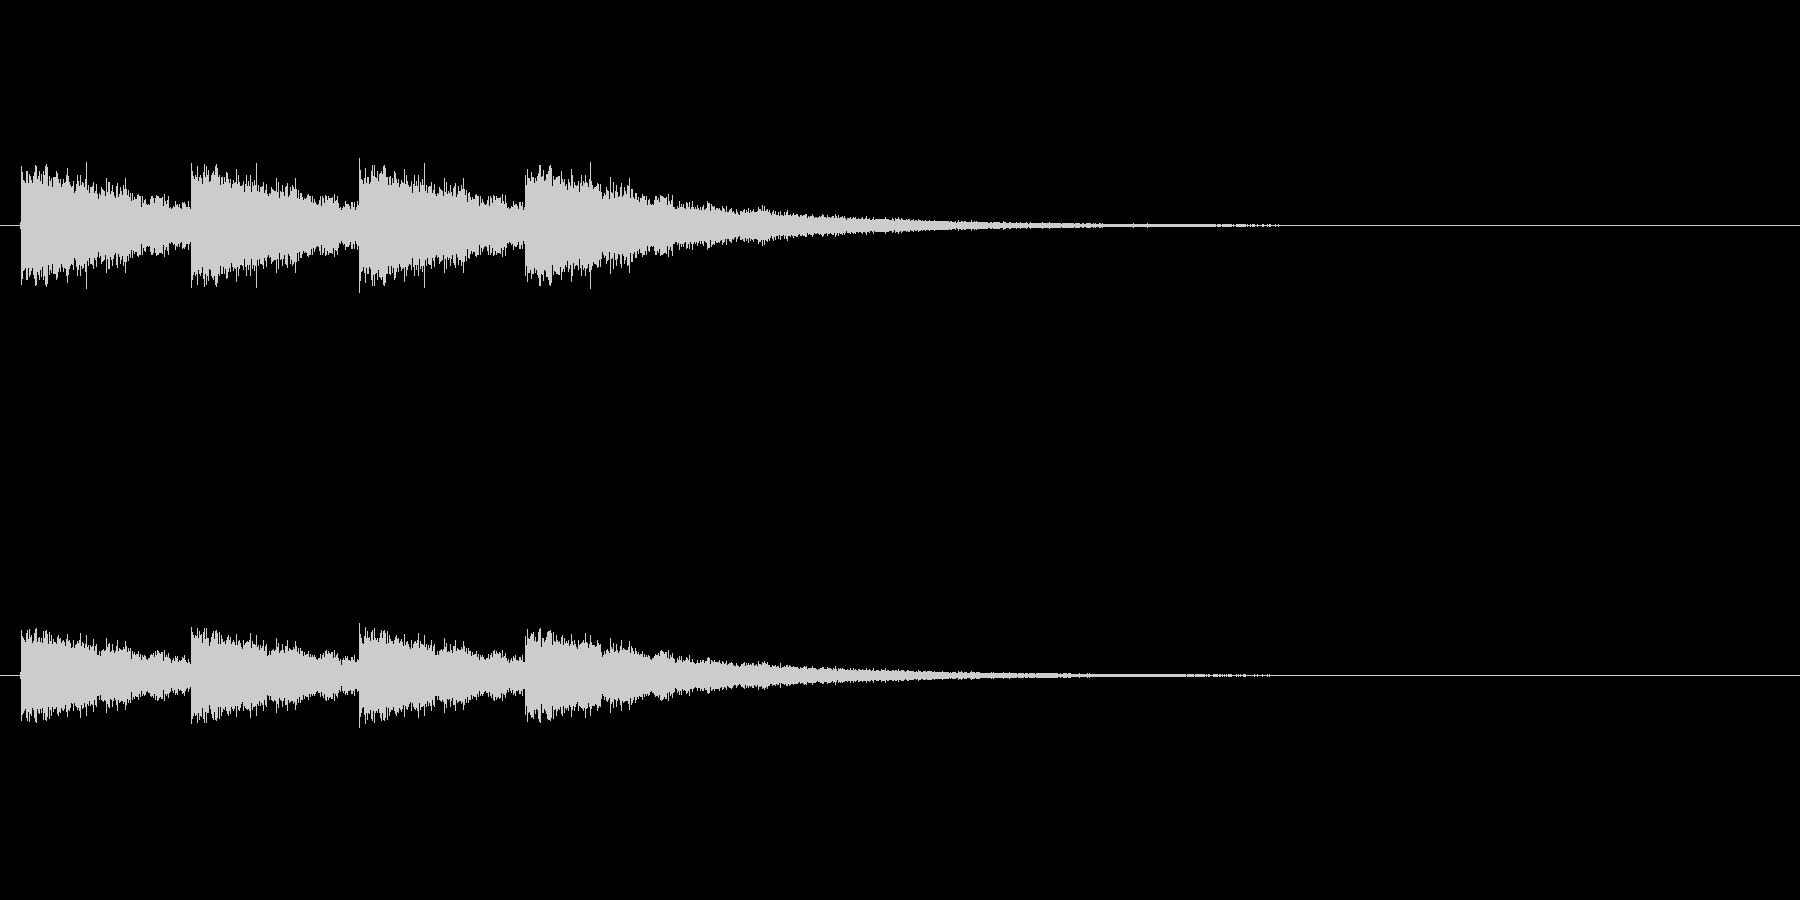 カウント音。ハイハット、シンプルの未再生の波形